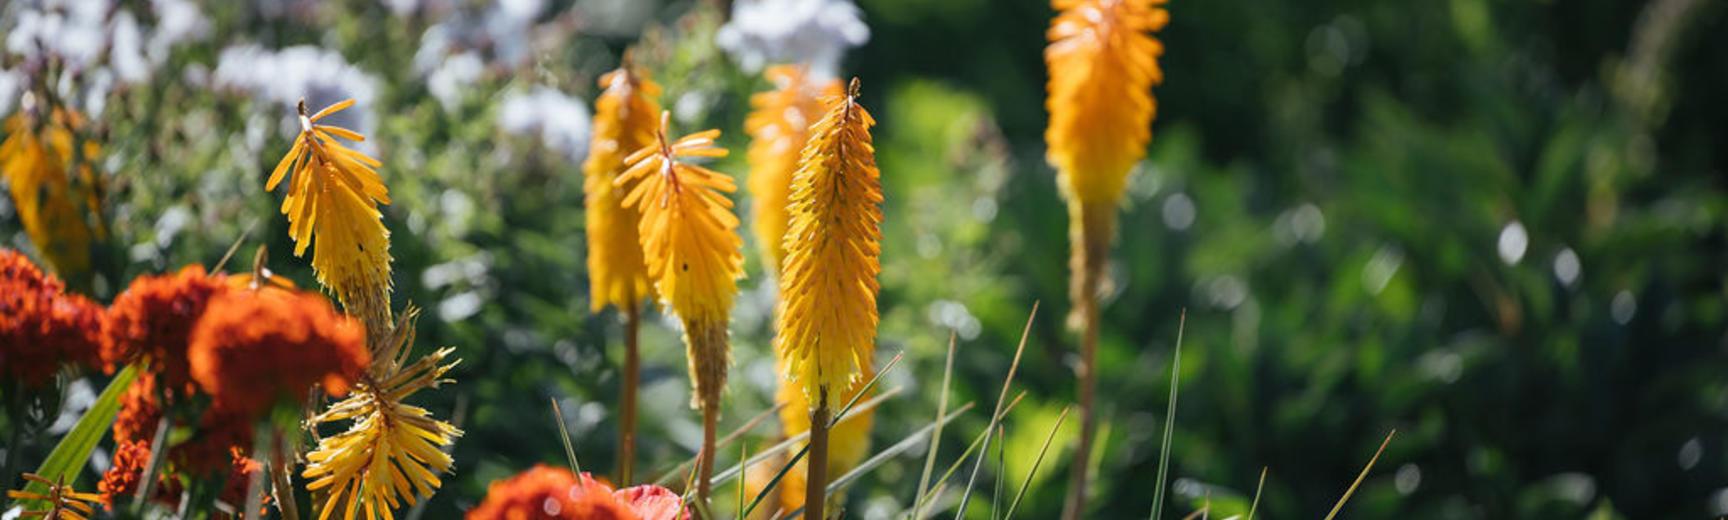 botanicgardensopeningbyianwallman 5236